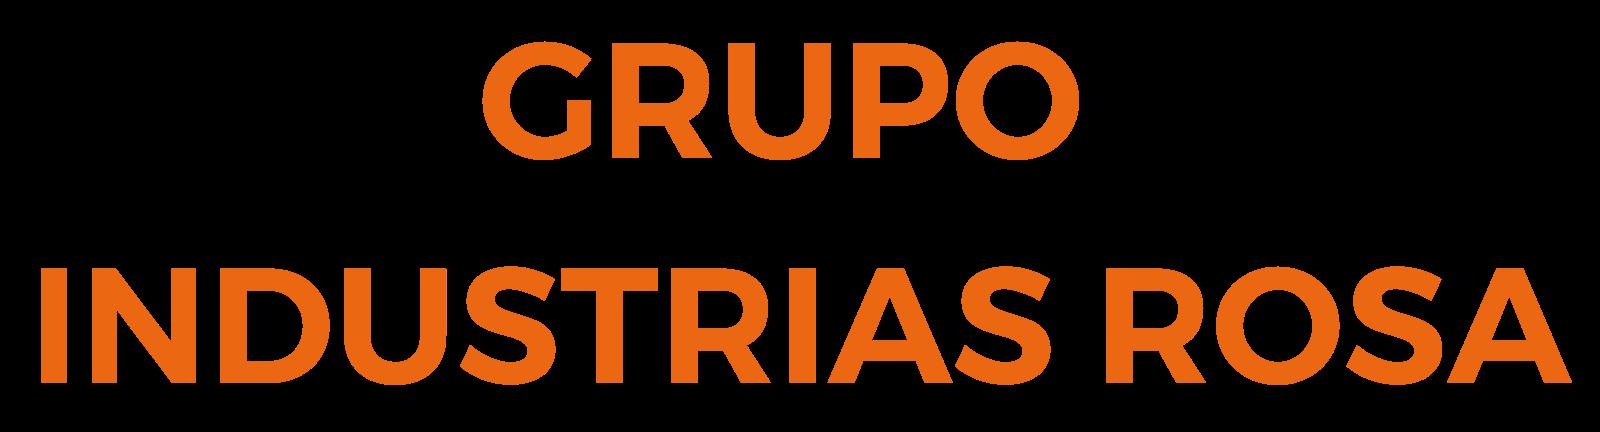 Grupo Industrias Rosa